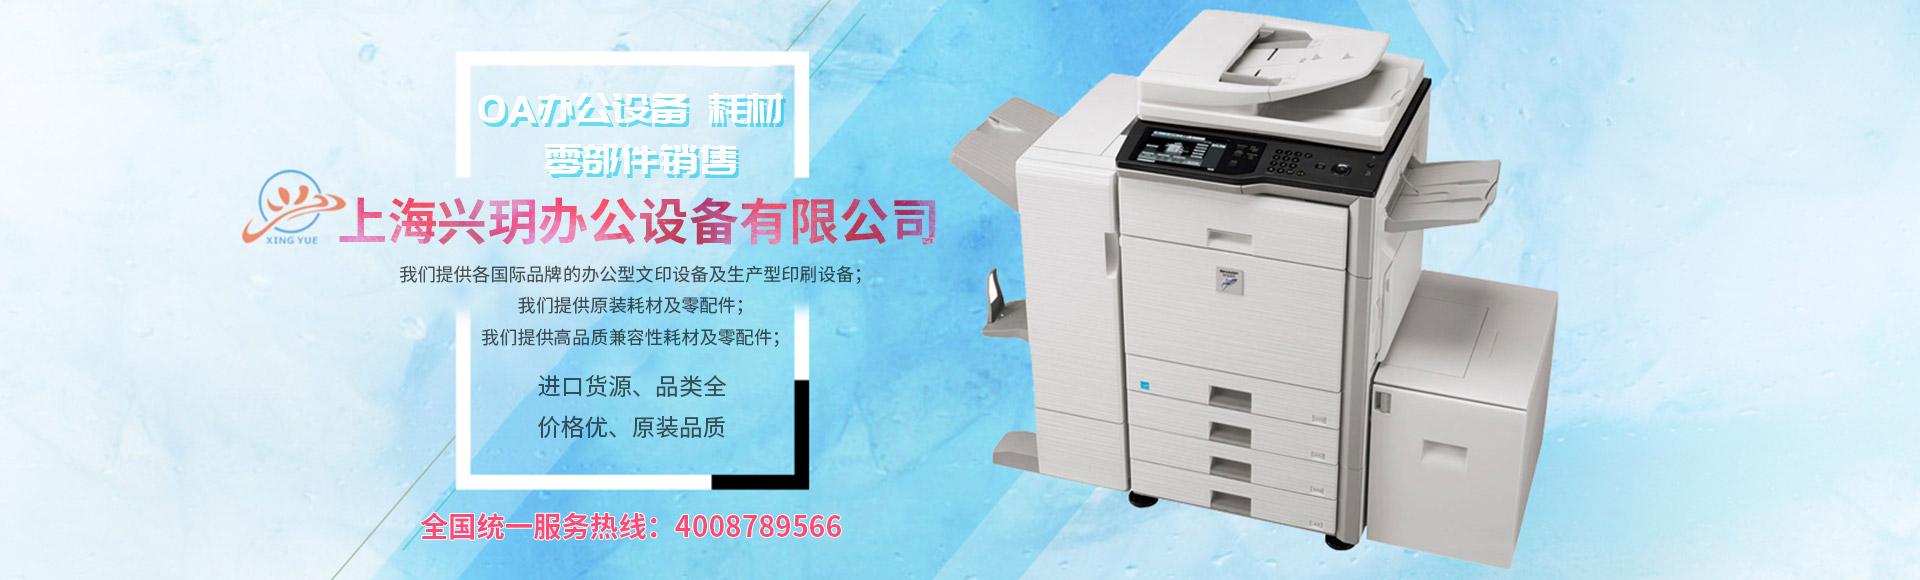 打印机耗材